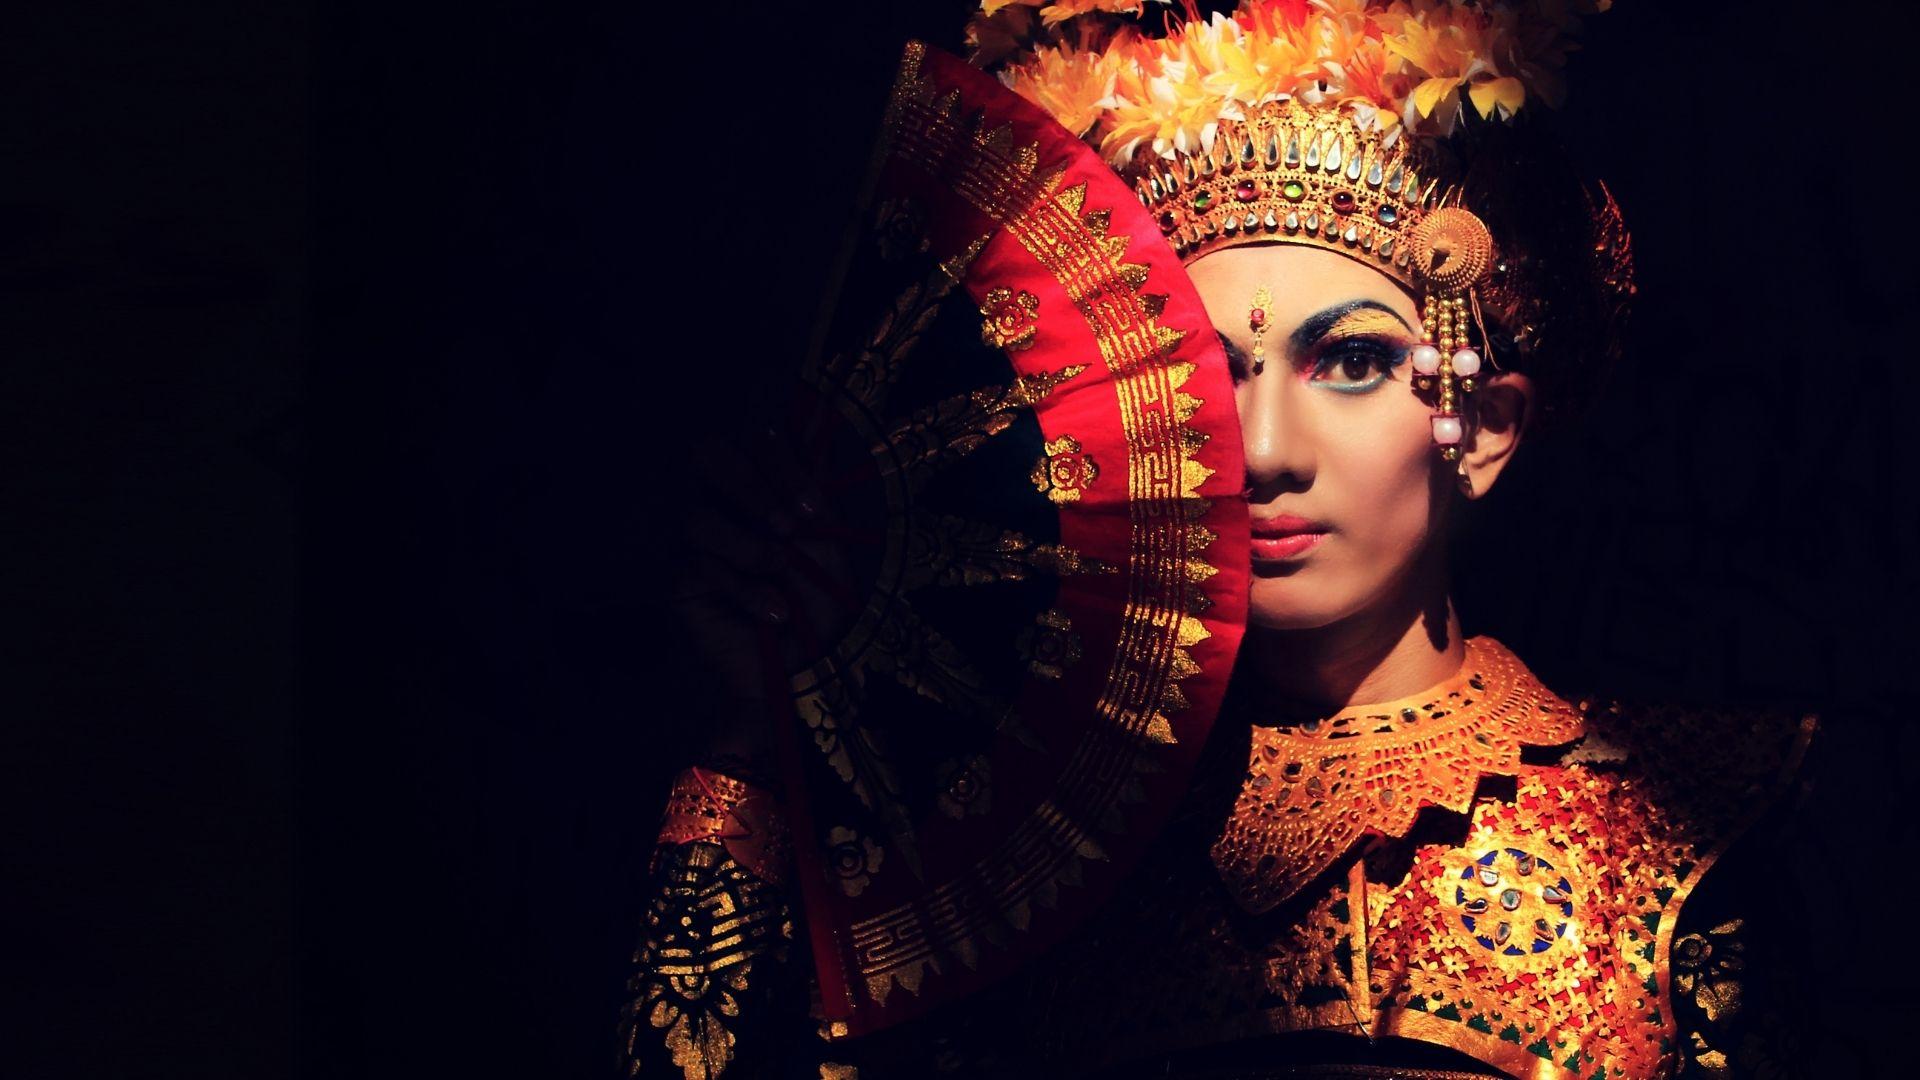 Legong es uno de los bailes tradiciononales que podrás encontrar en tu viaje a Bali